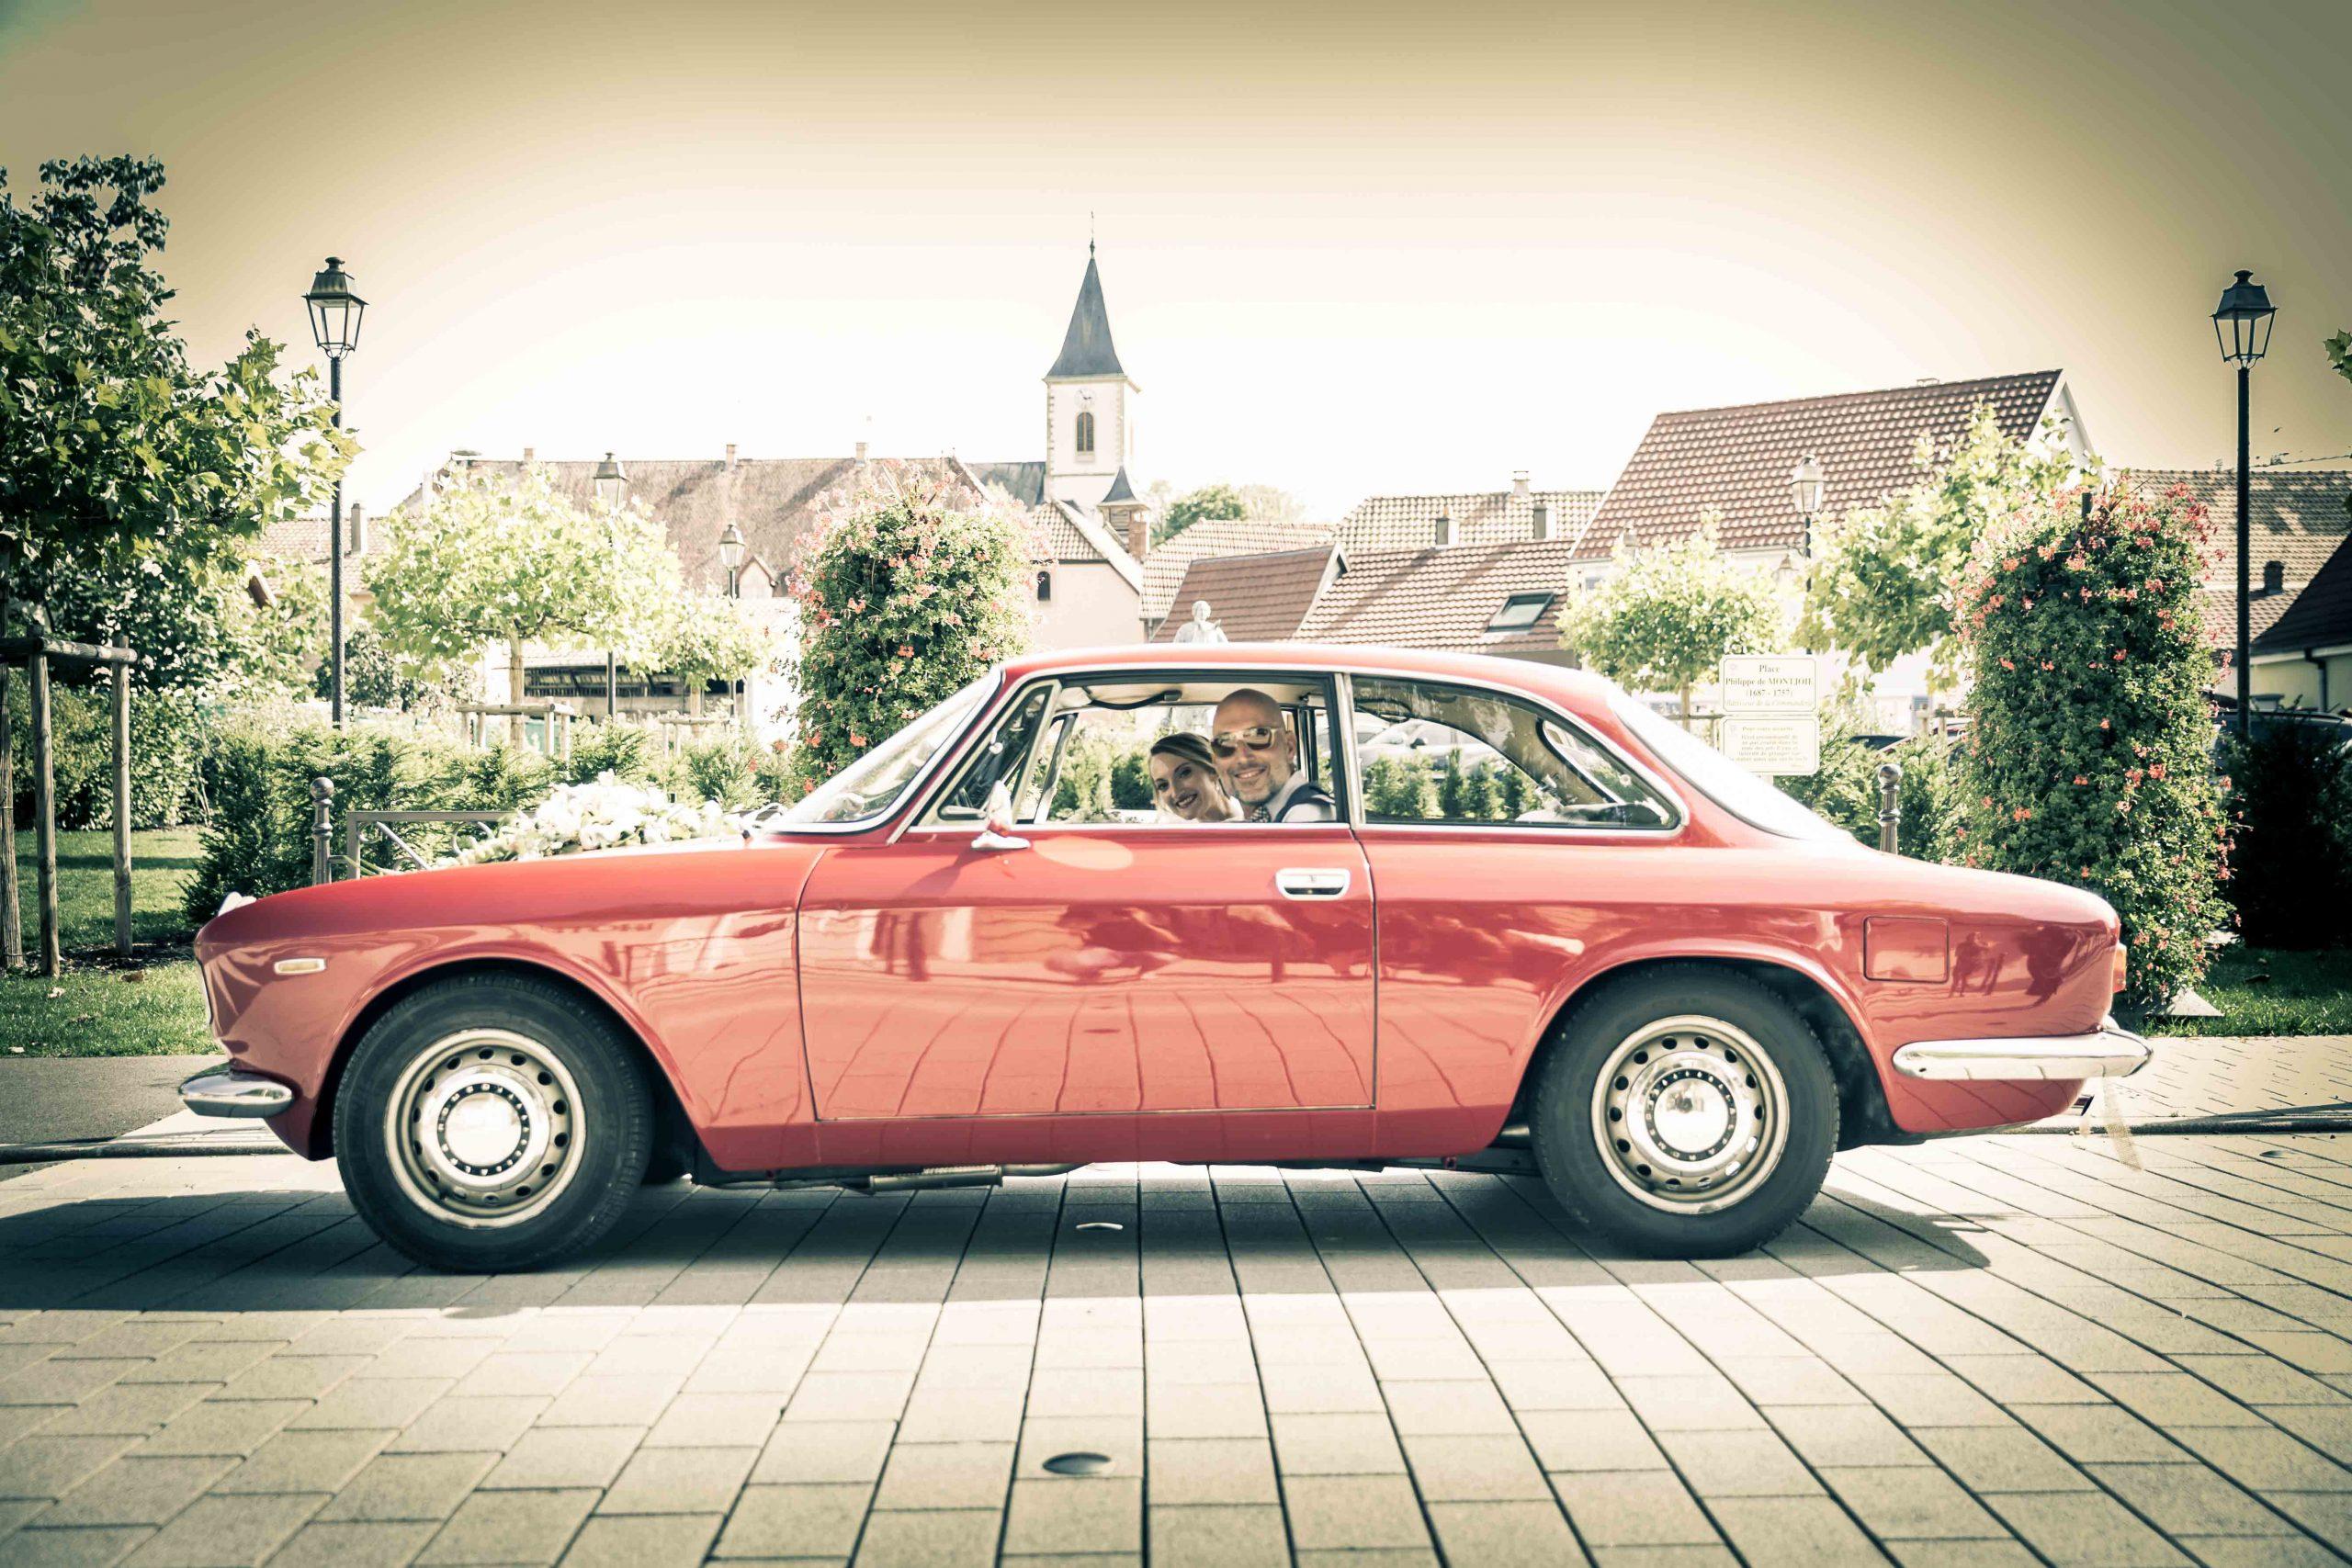 l'arrivée de la mariée en voiture américaine lors d'un mariage à Rixheim